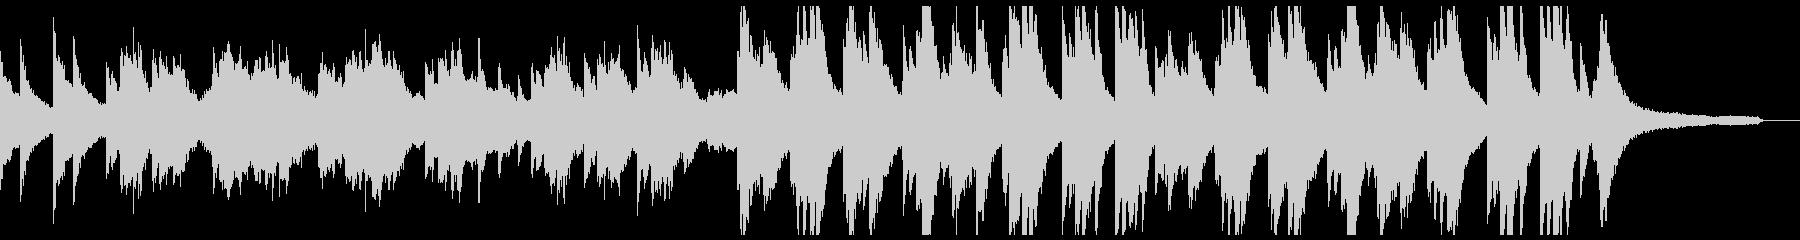 暗い過去を回想するような重いピアノオケ②の未再生の波形